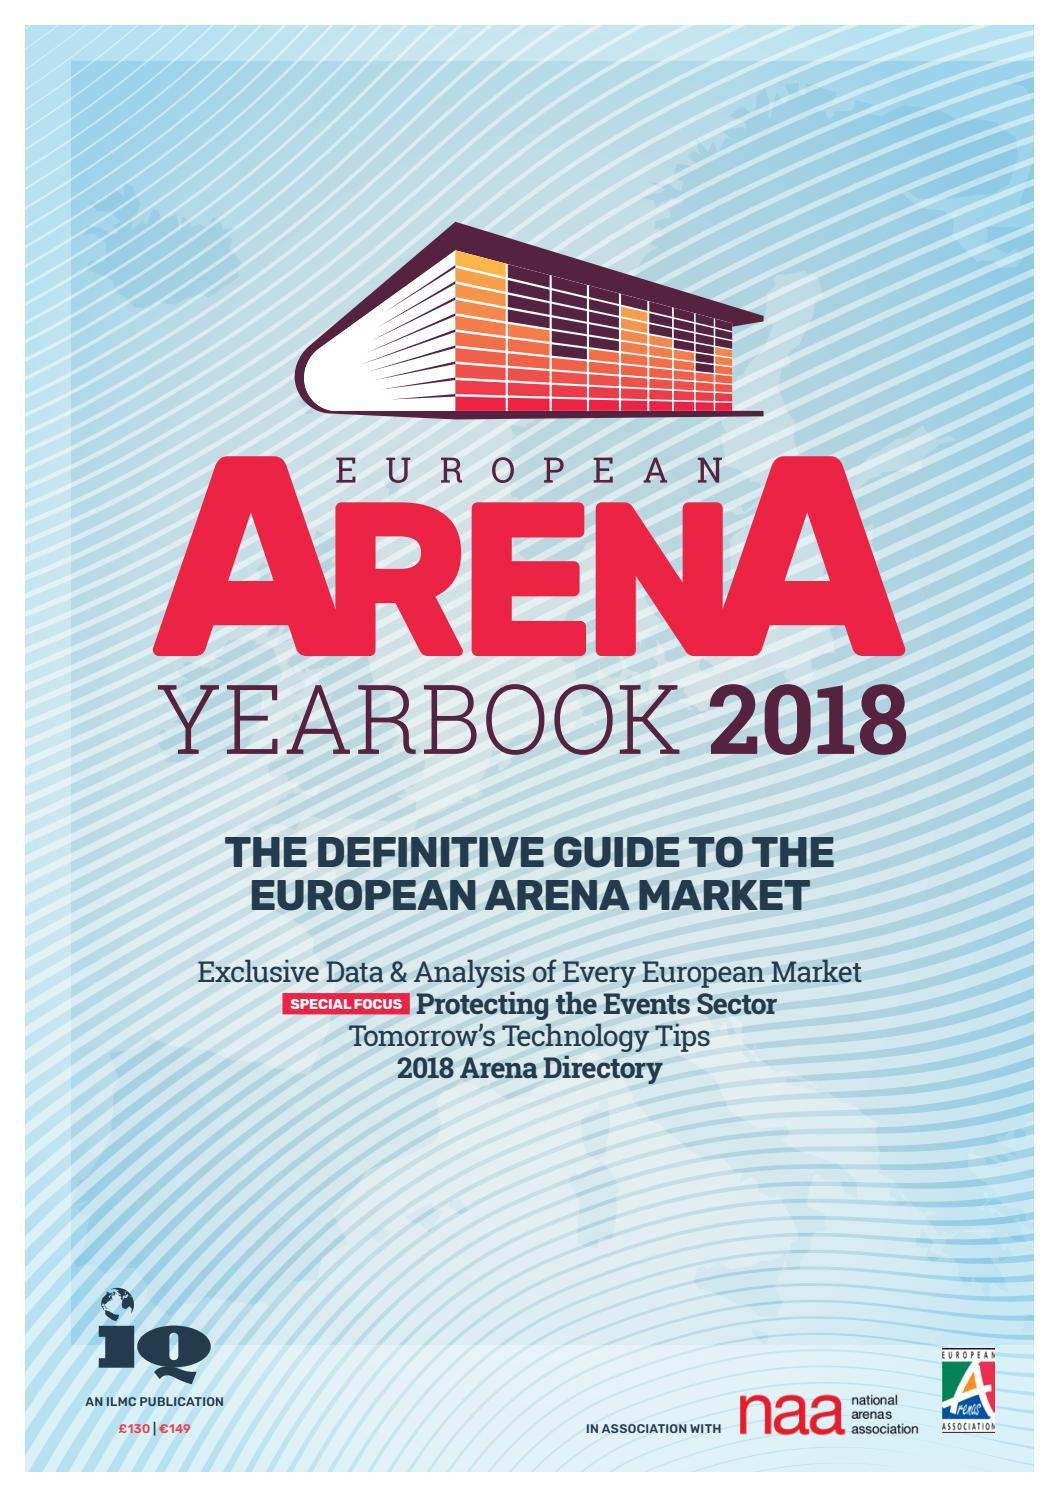 European Arena Yearbook 2018 by IQ Magazine - issuu